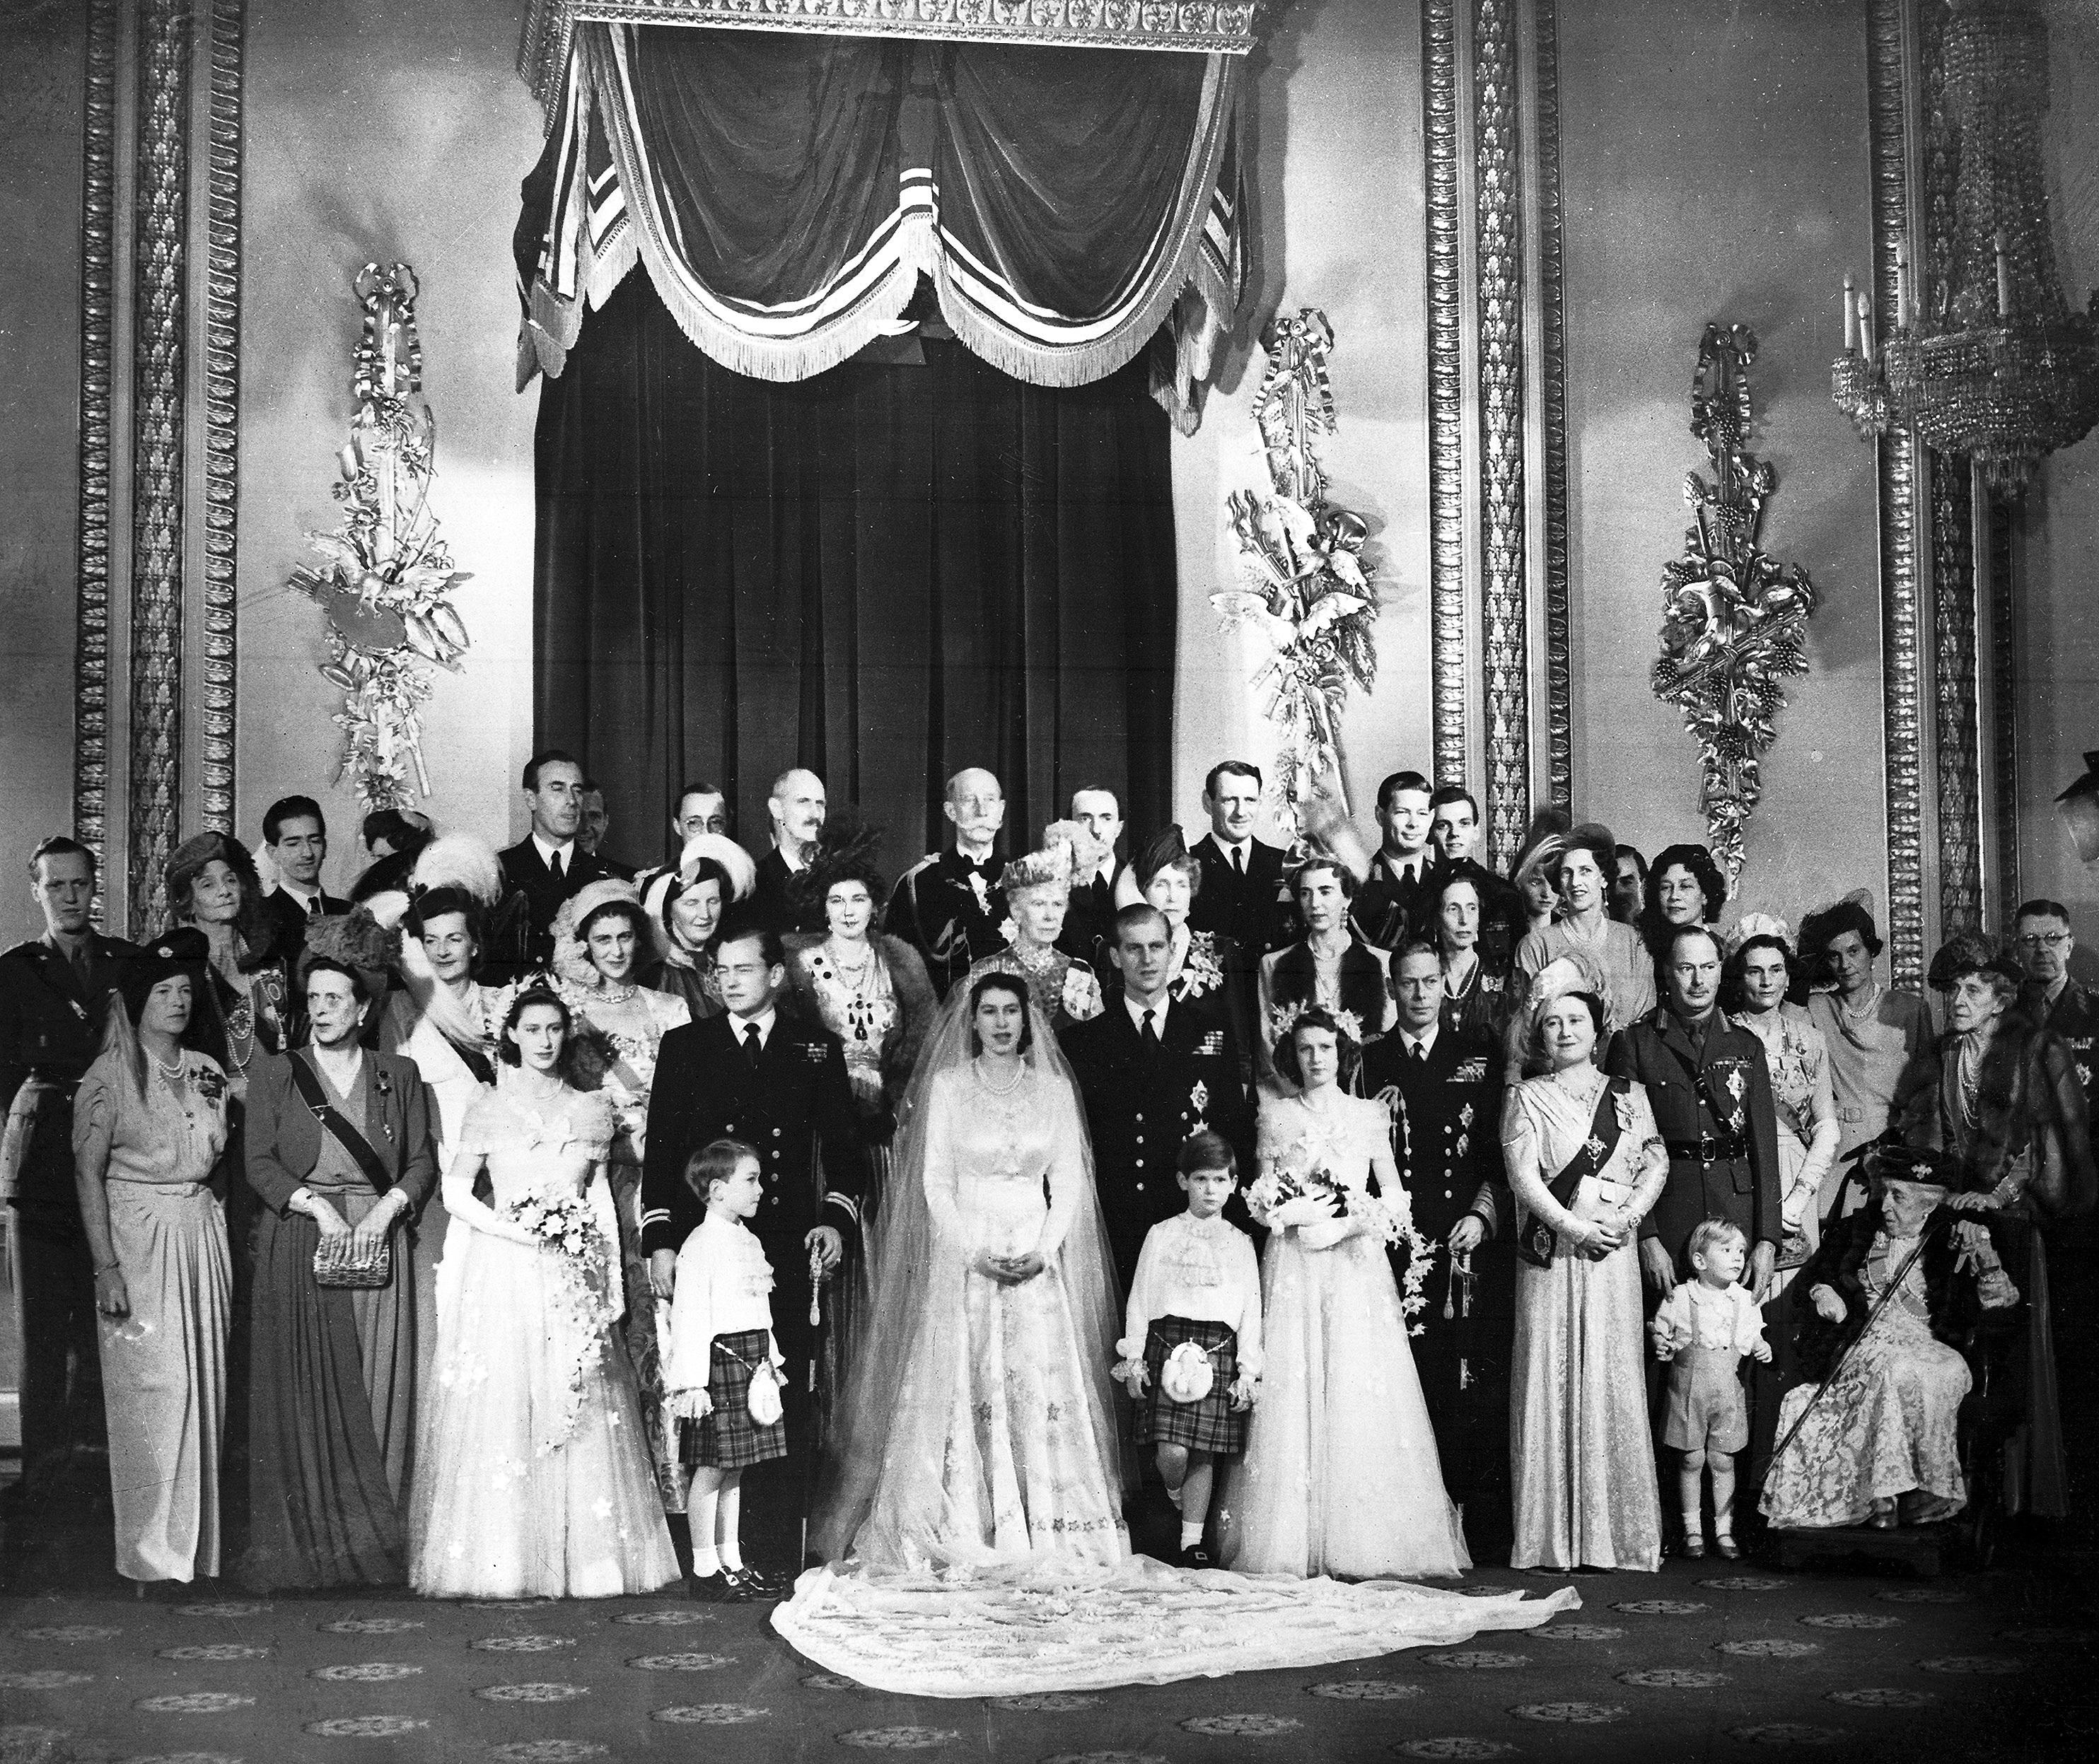 La ceremonia tuvo lugar ante dos mil invitados en la Abadía de Westminster, el templo anglicano donde, desde el siglo XII, se han celebrado 16 bodas reales. (AP)